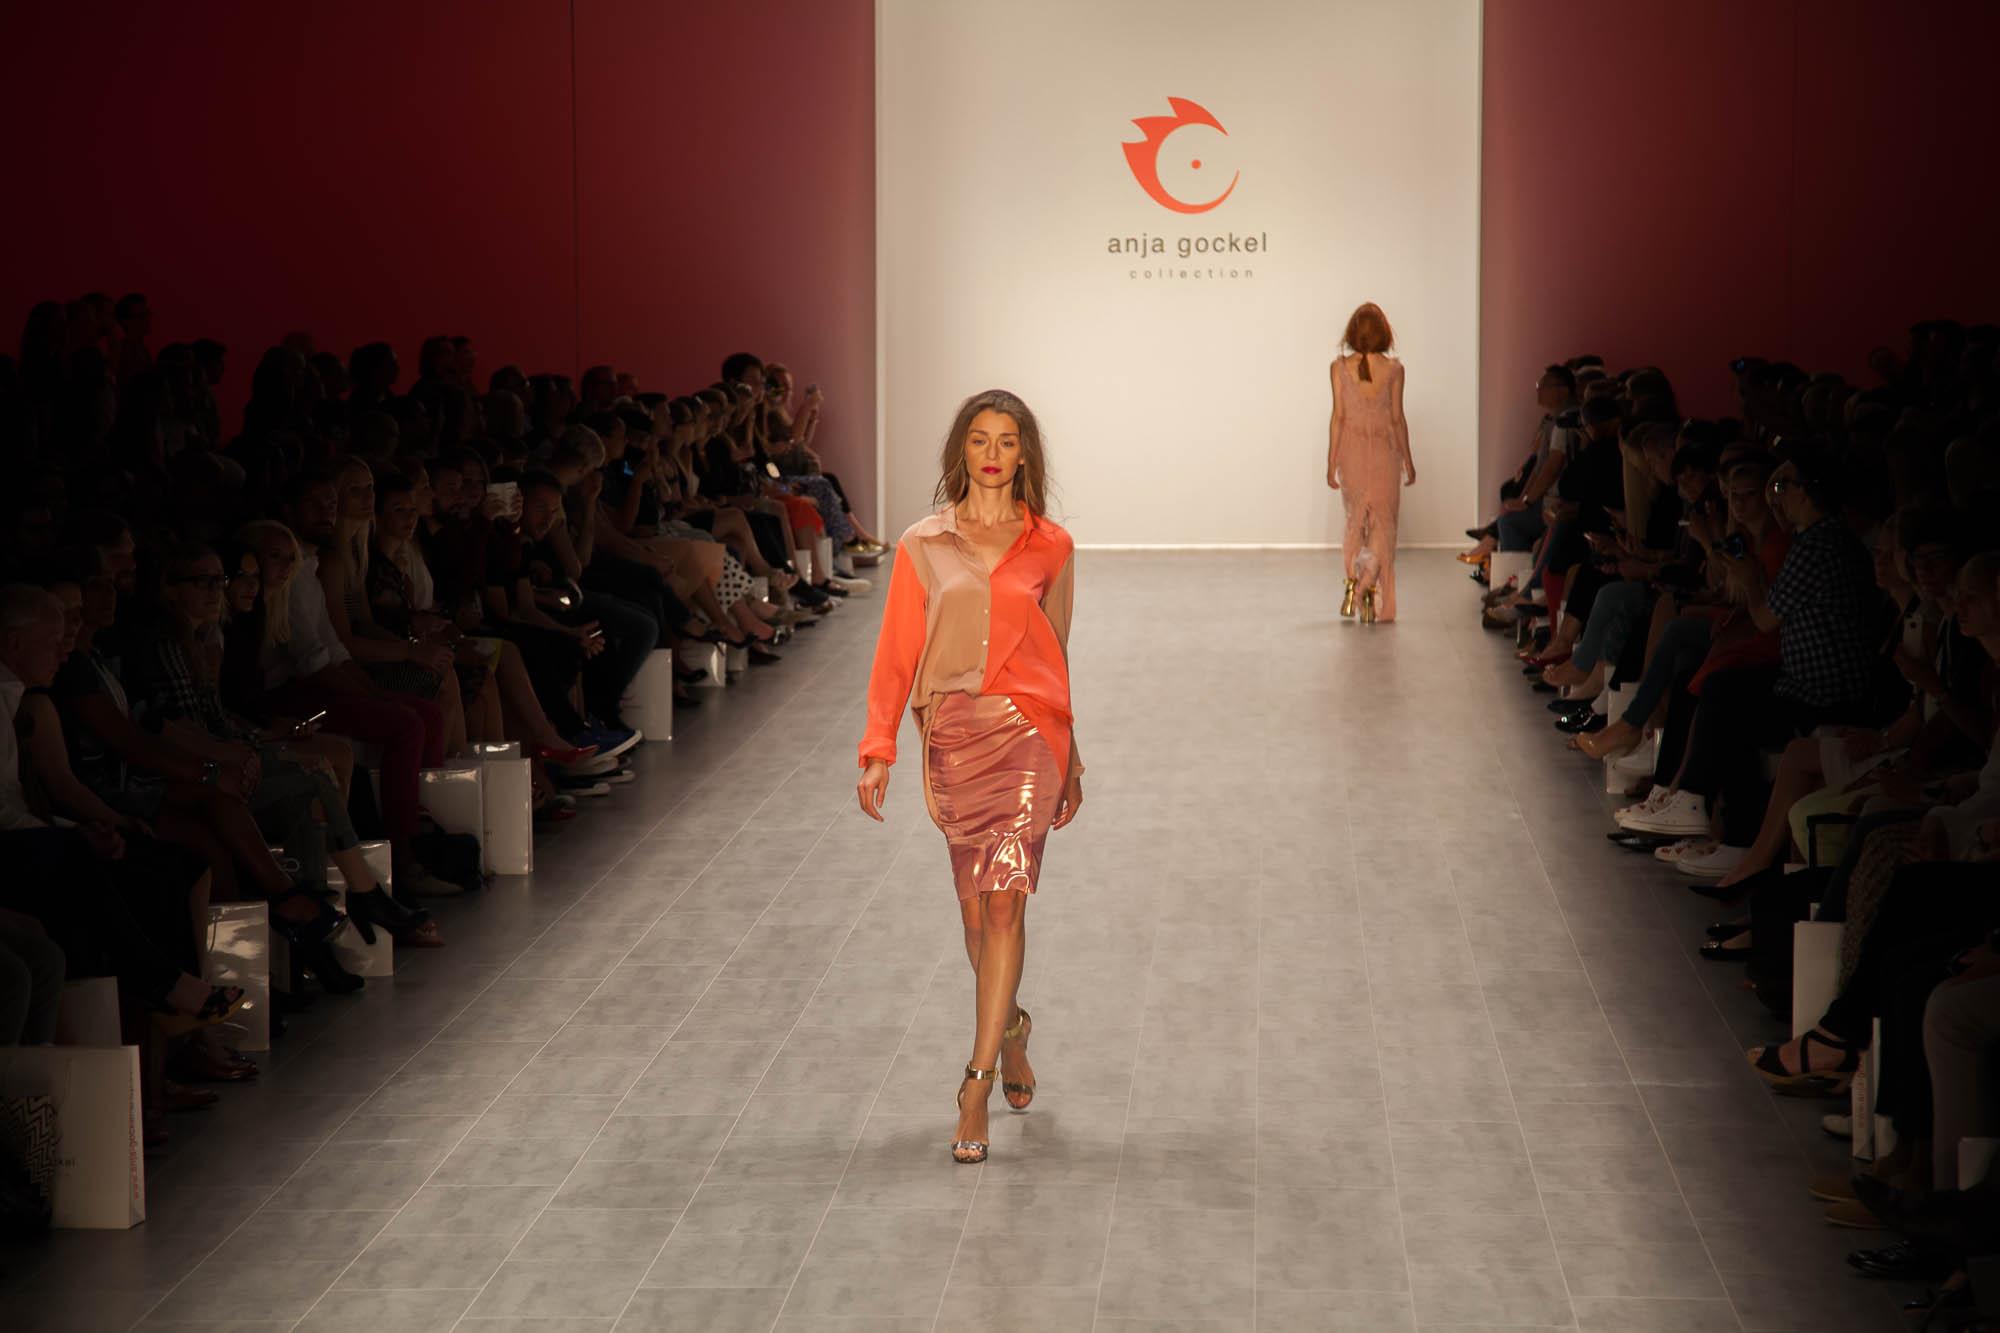 20140709-Fashionweek-anjagockel-06